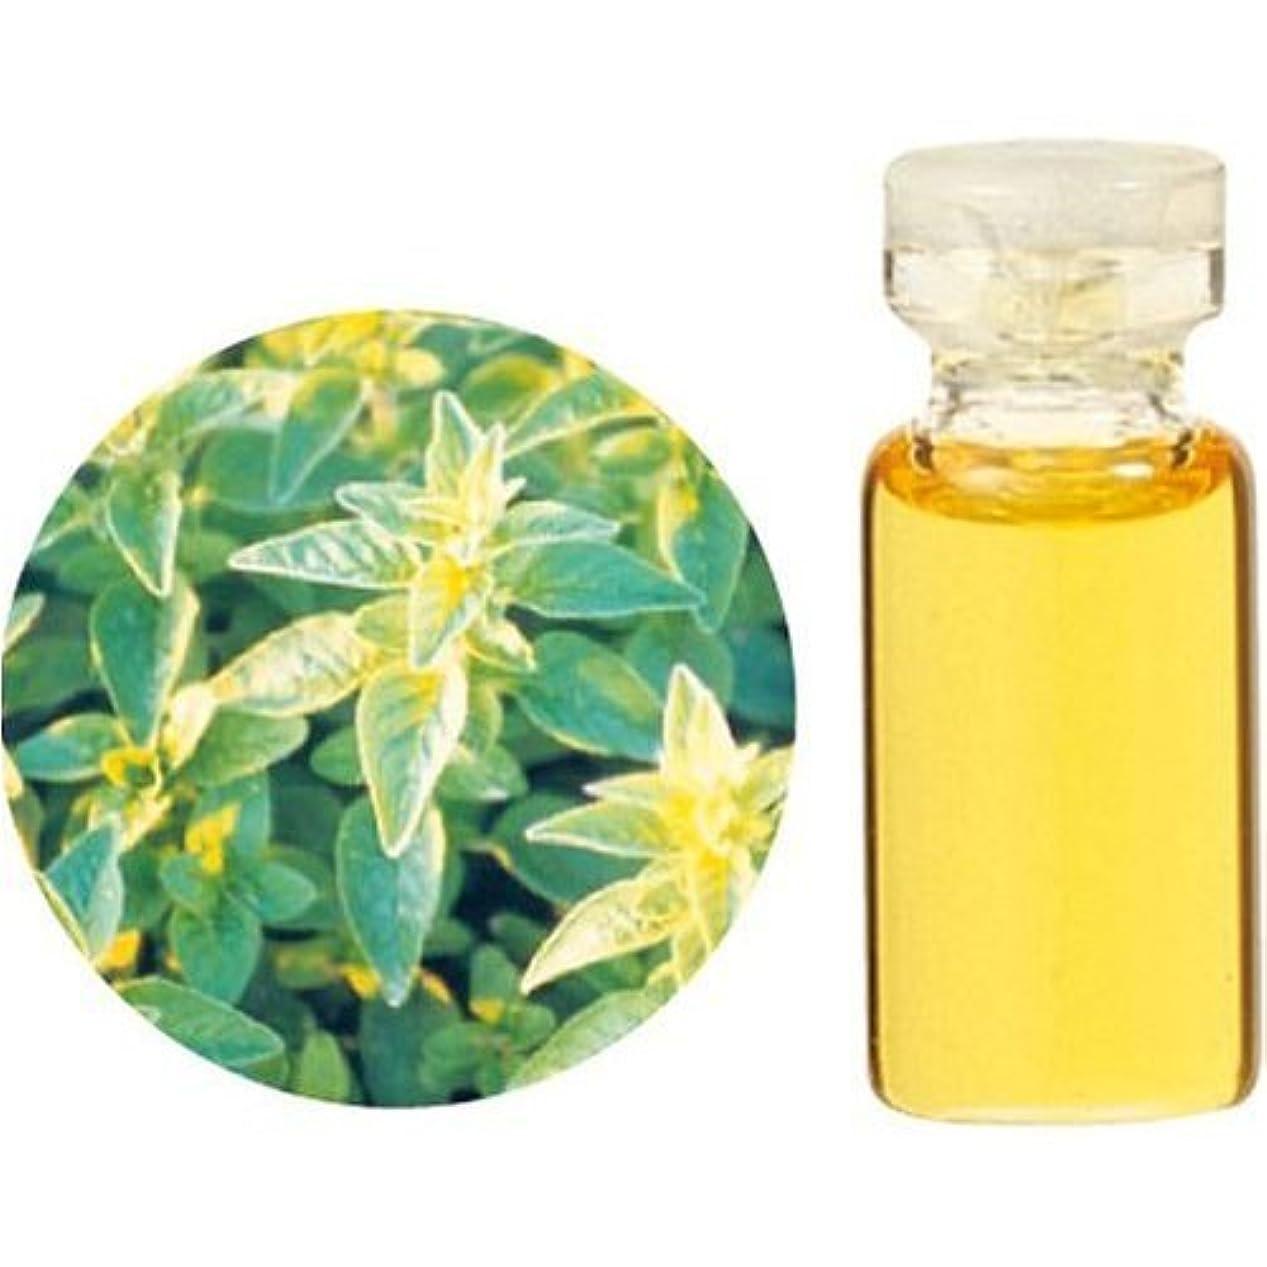 伝統クリップマット生活の木 Herbal Life レアバリューオイル メリッサ 1ml